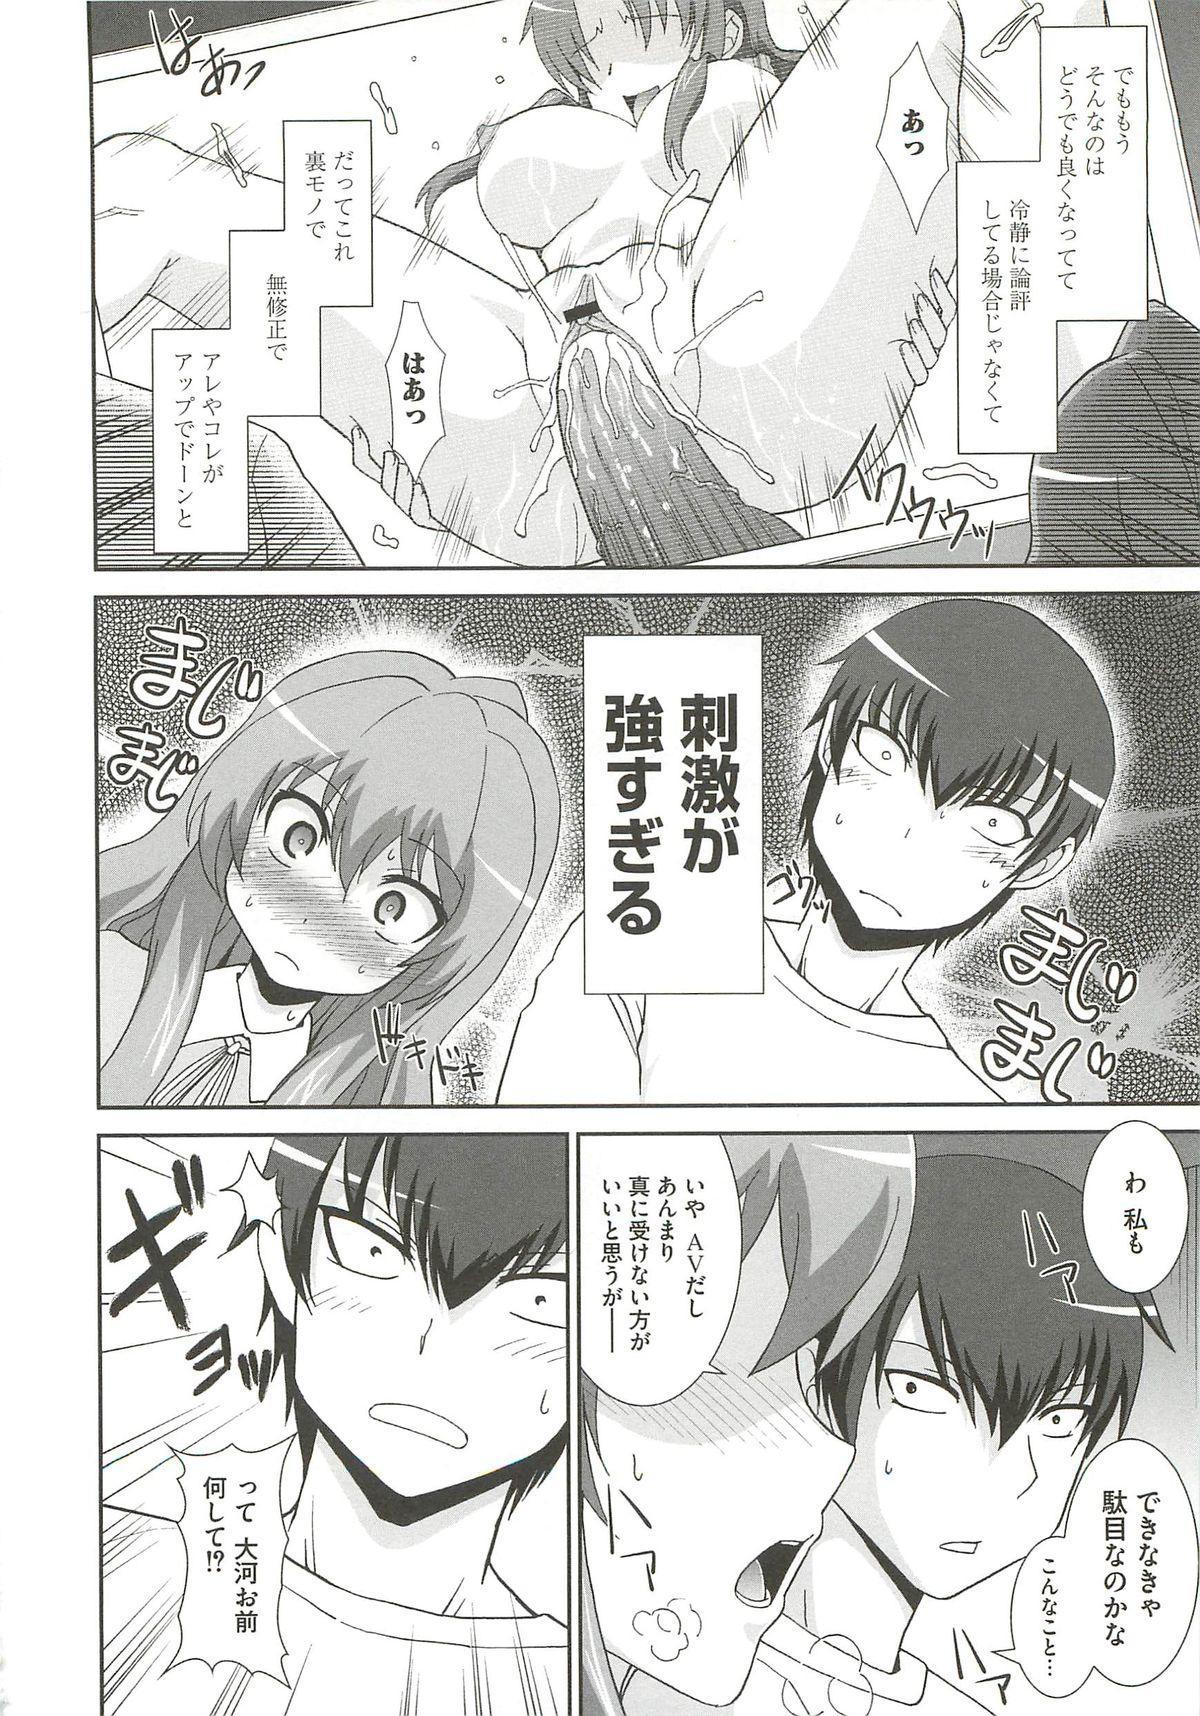 Ingoku no Ikusa Otome 23